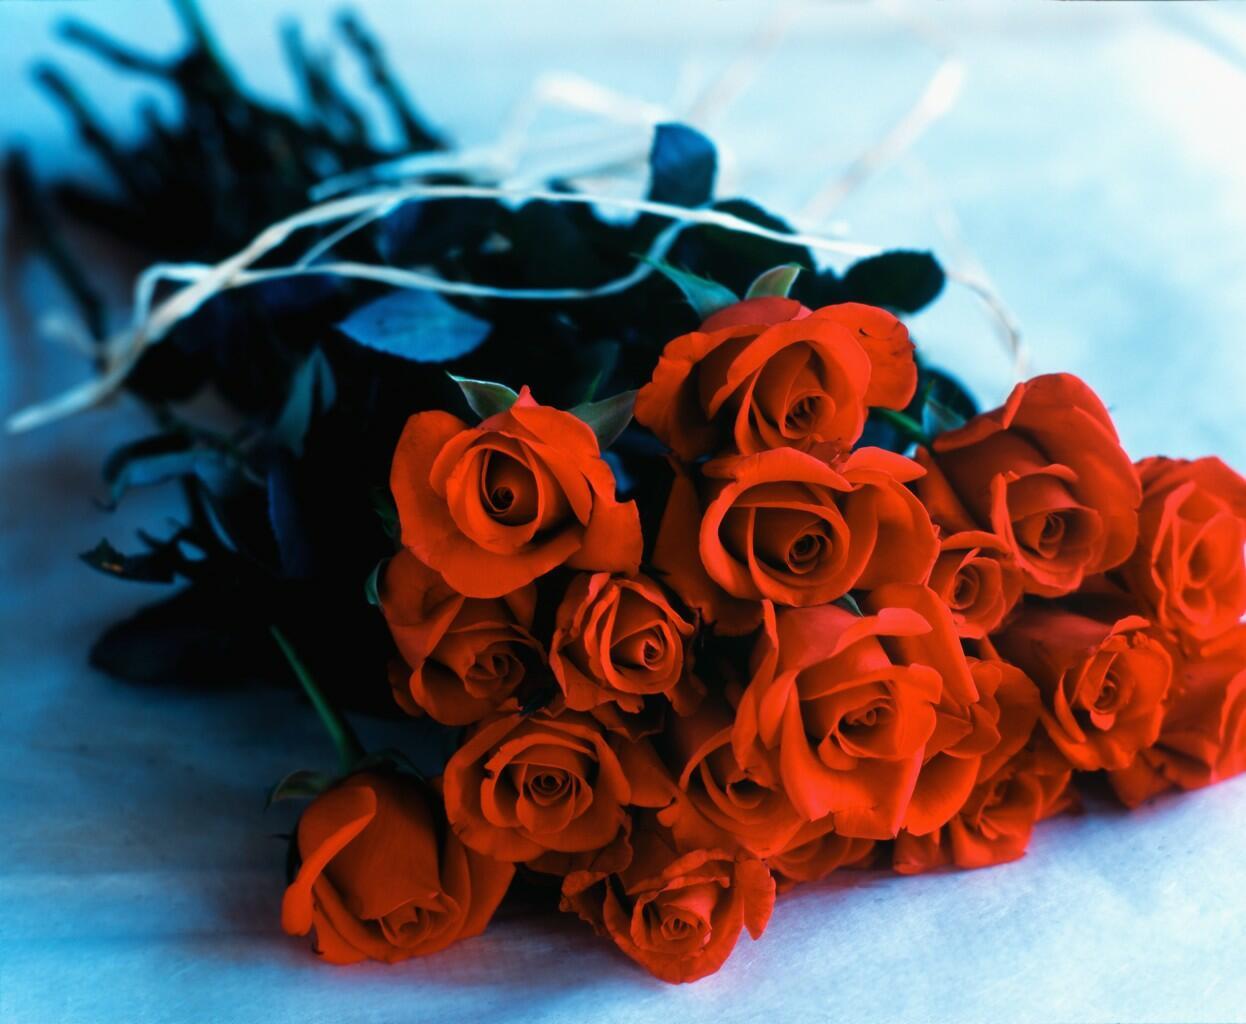 Передвижка, картинки с розами с днем рождения мама